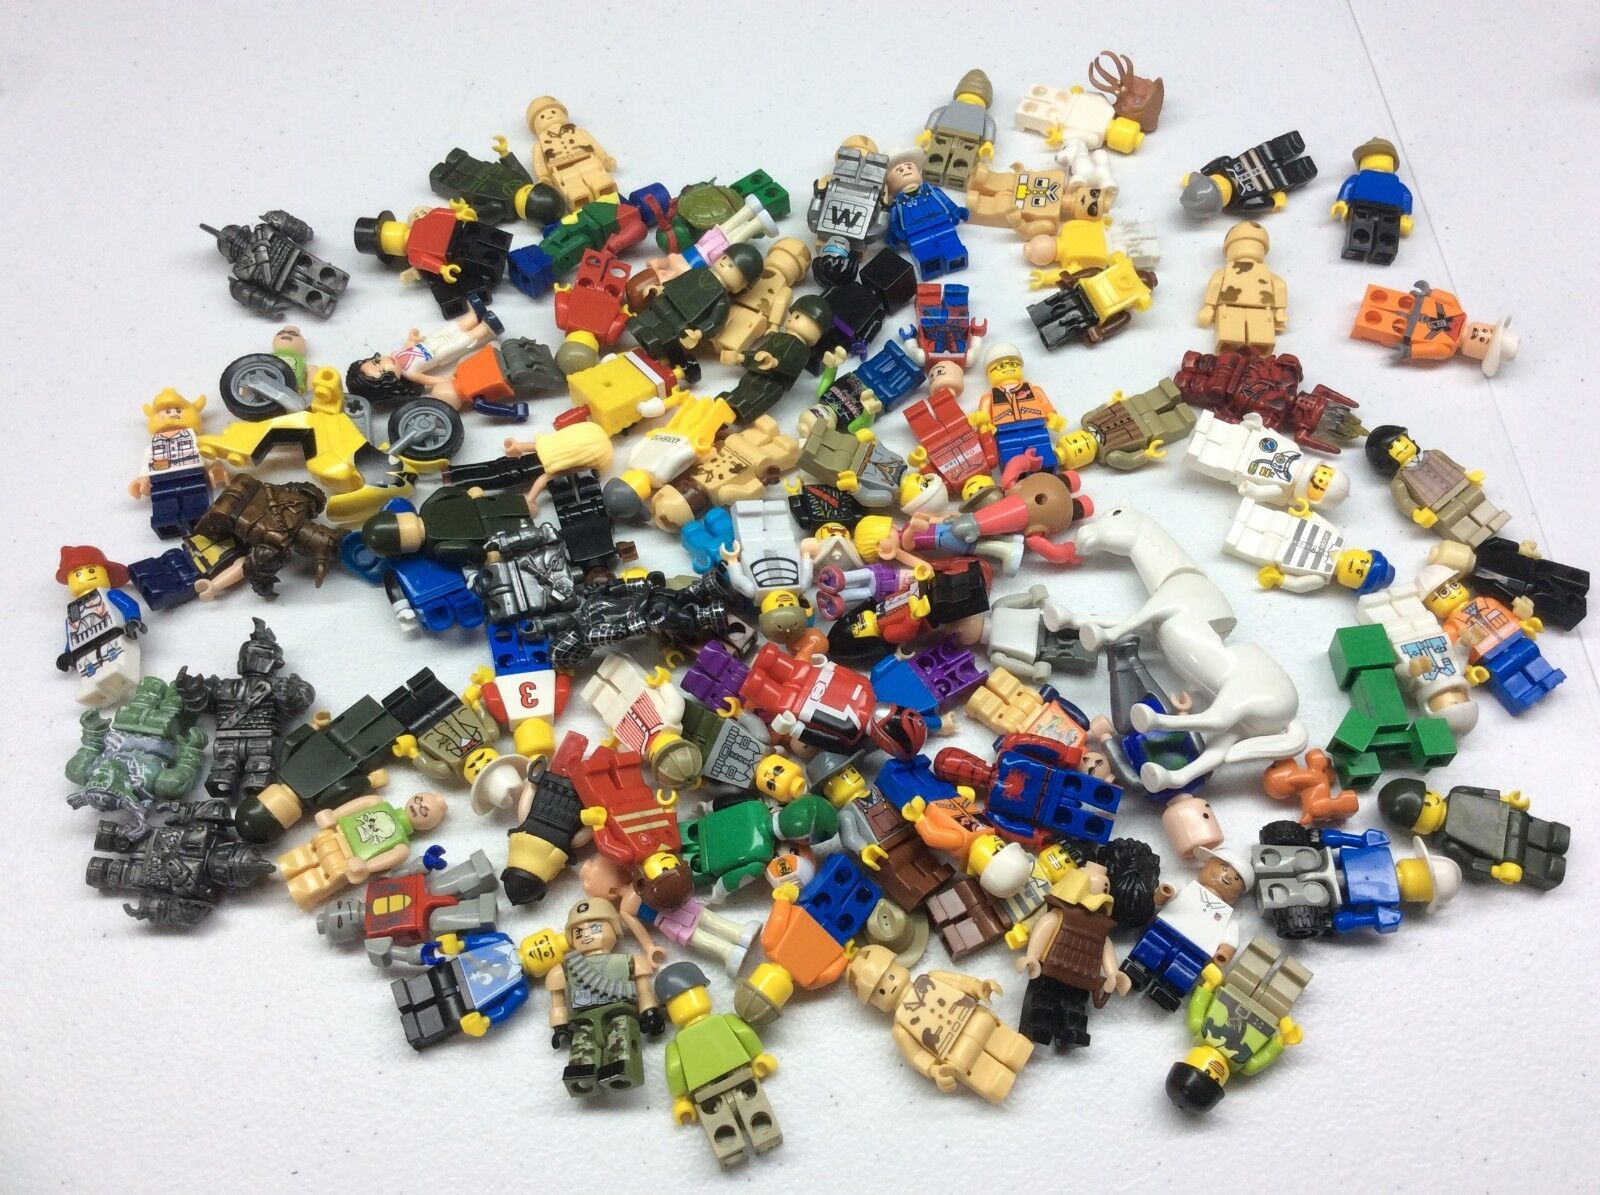 100 Non Lego Minifigures Megablok Heroes minifig lot K476B K476B K476B f91164